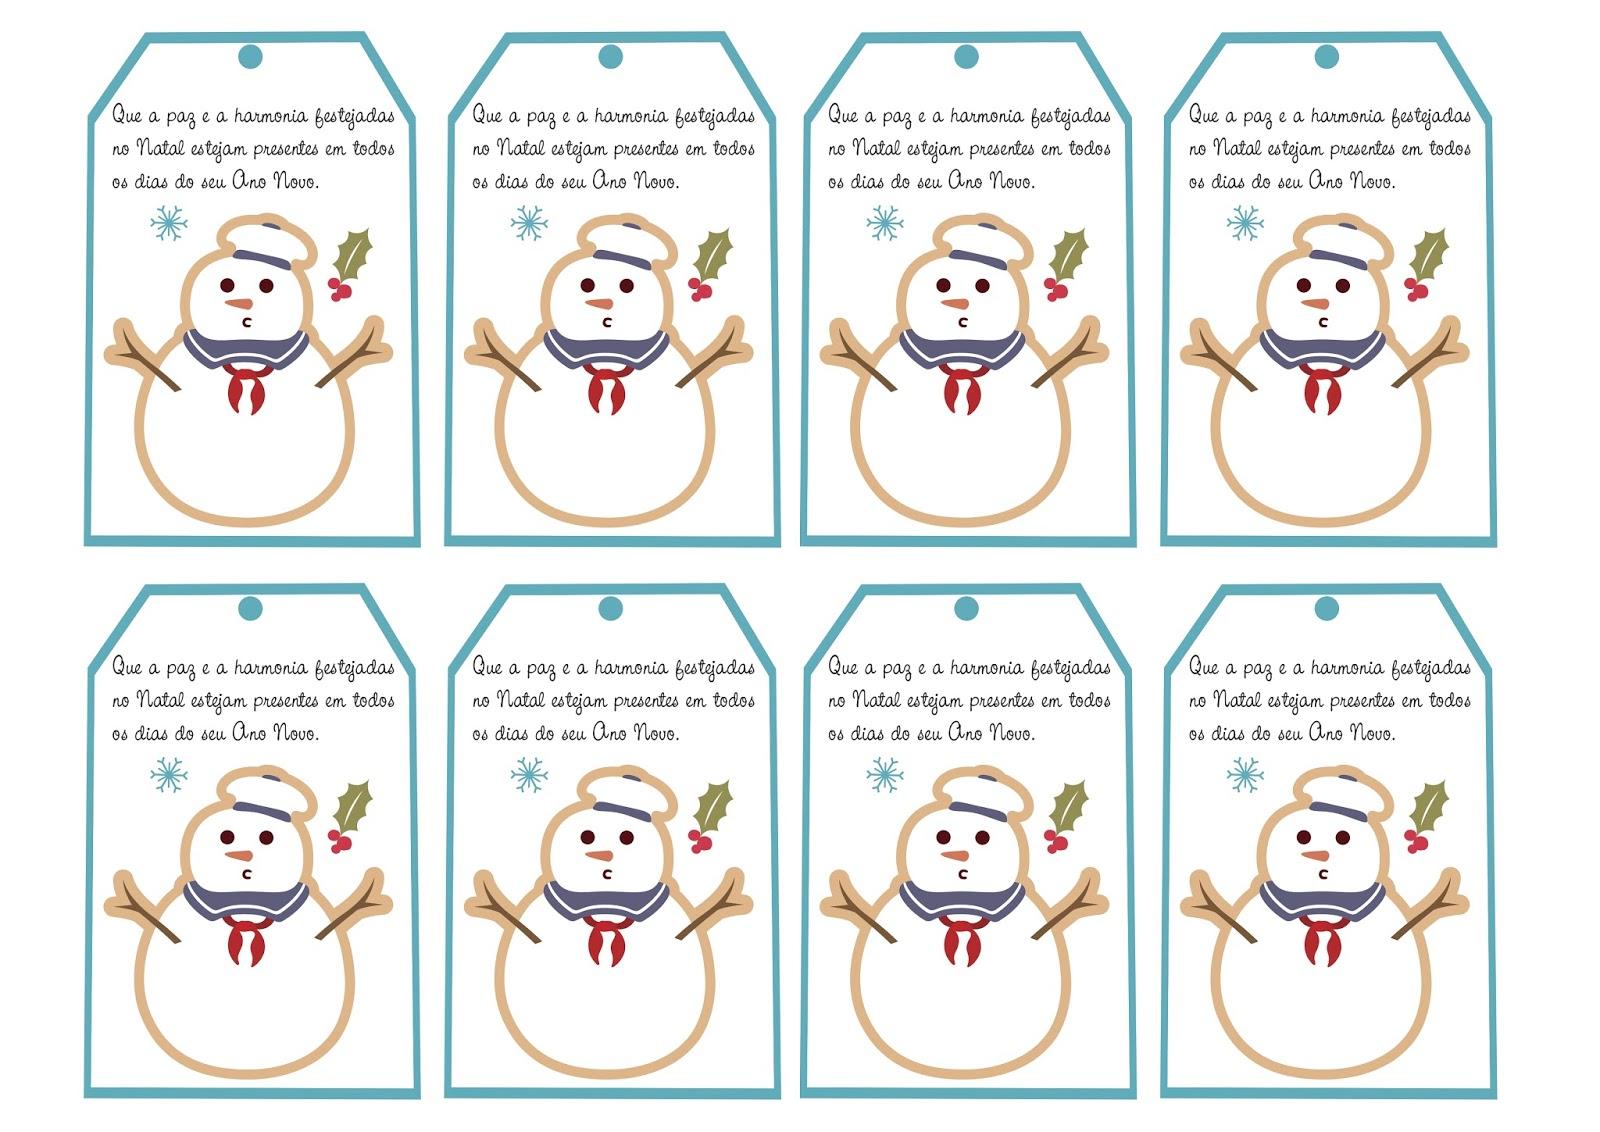 Populares Cartões de Natal para Imprimir com Mensagens. - Aprender e Brincar TP98